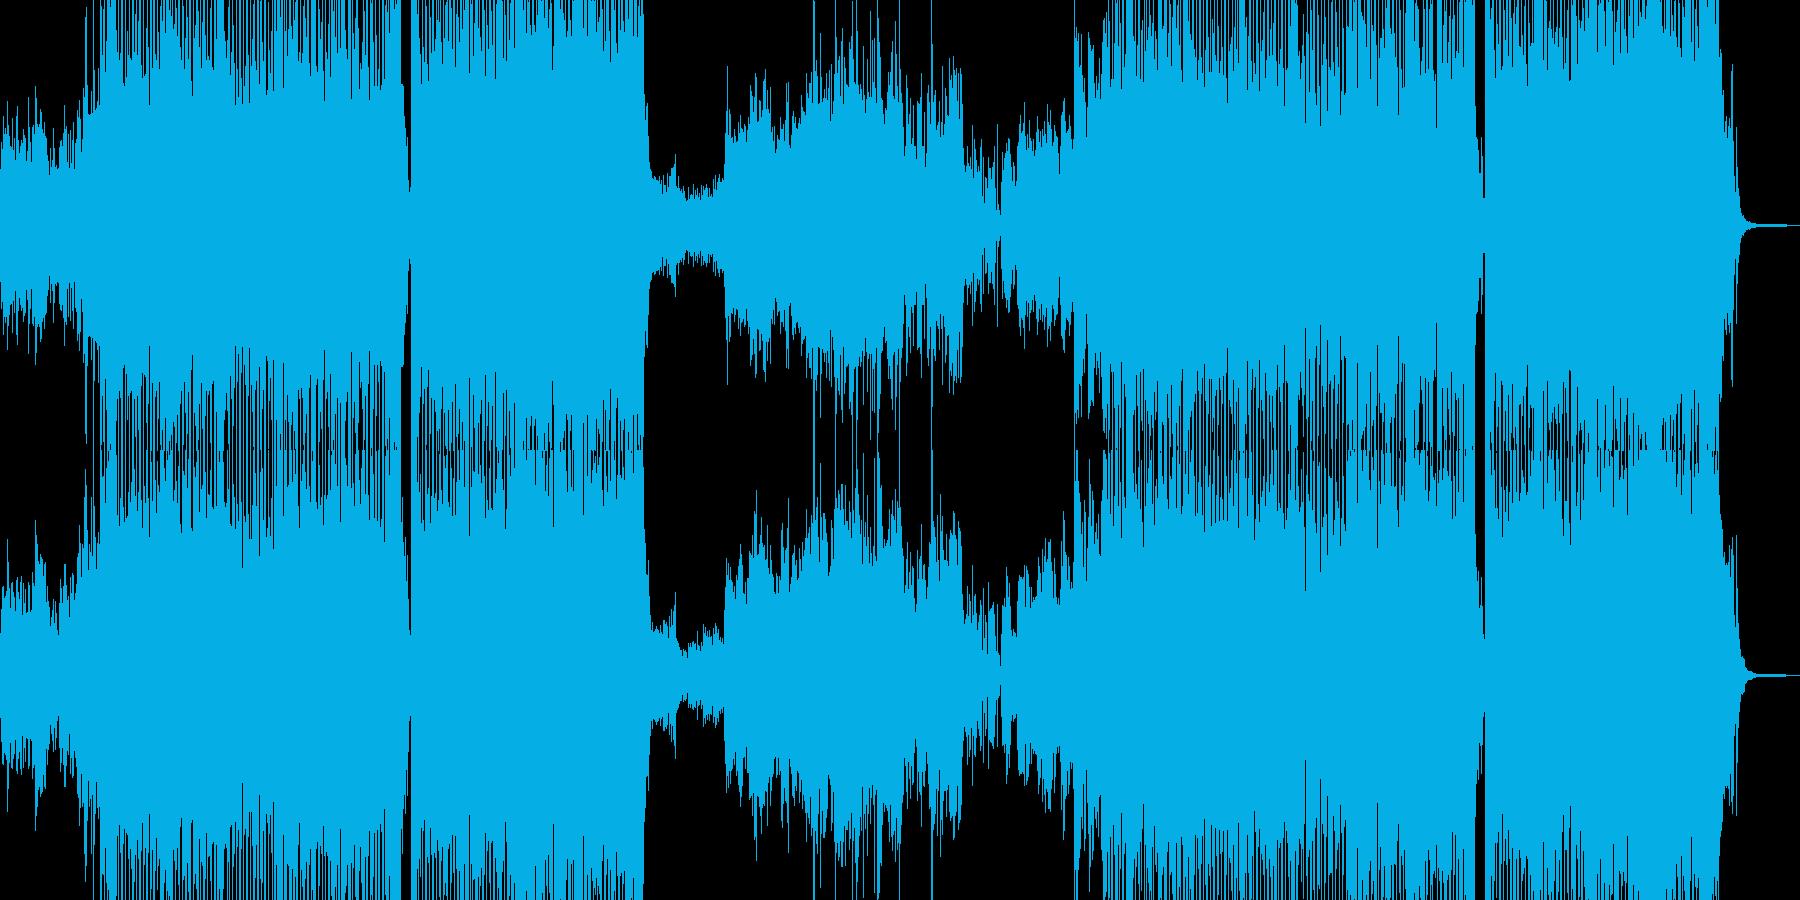 可愛い運動会テーマ・テクノポップ 短尺+の再生済みの波形